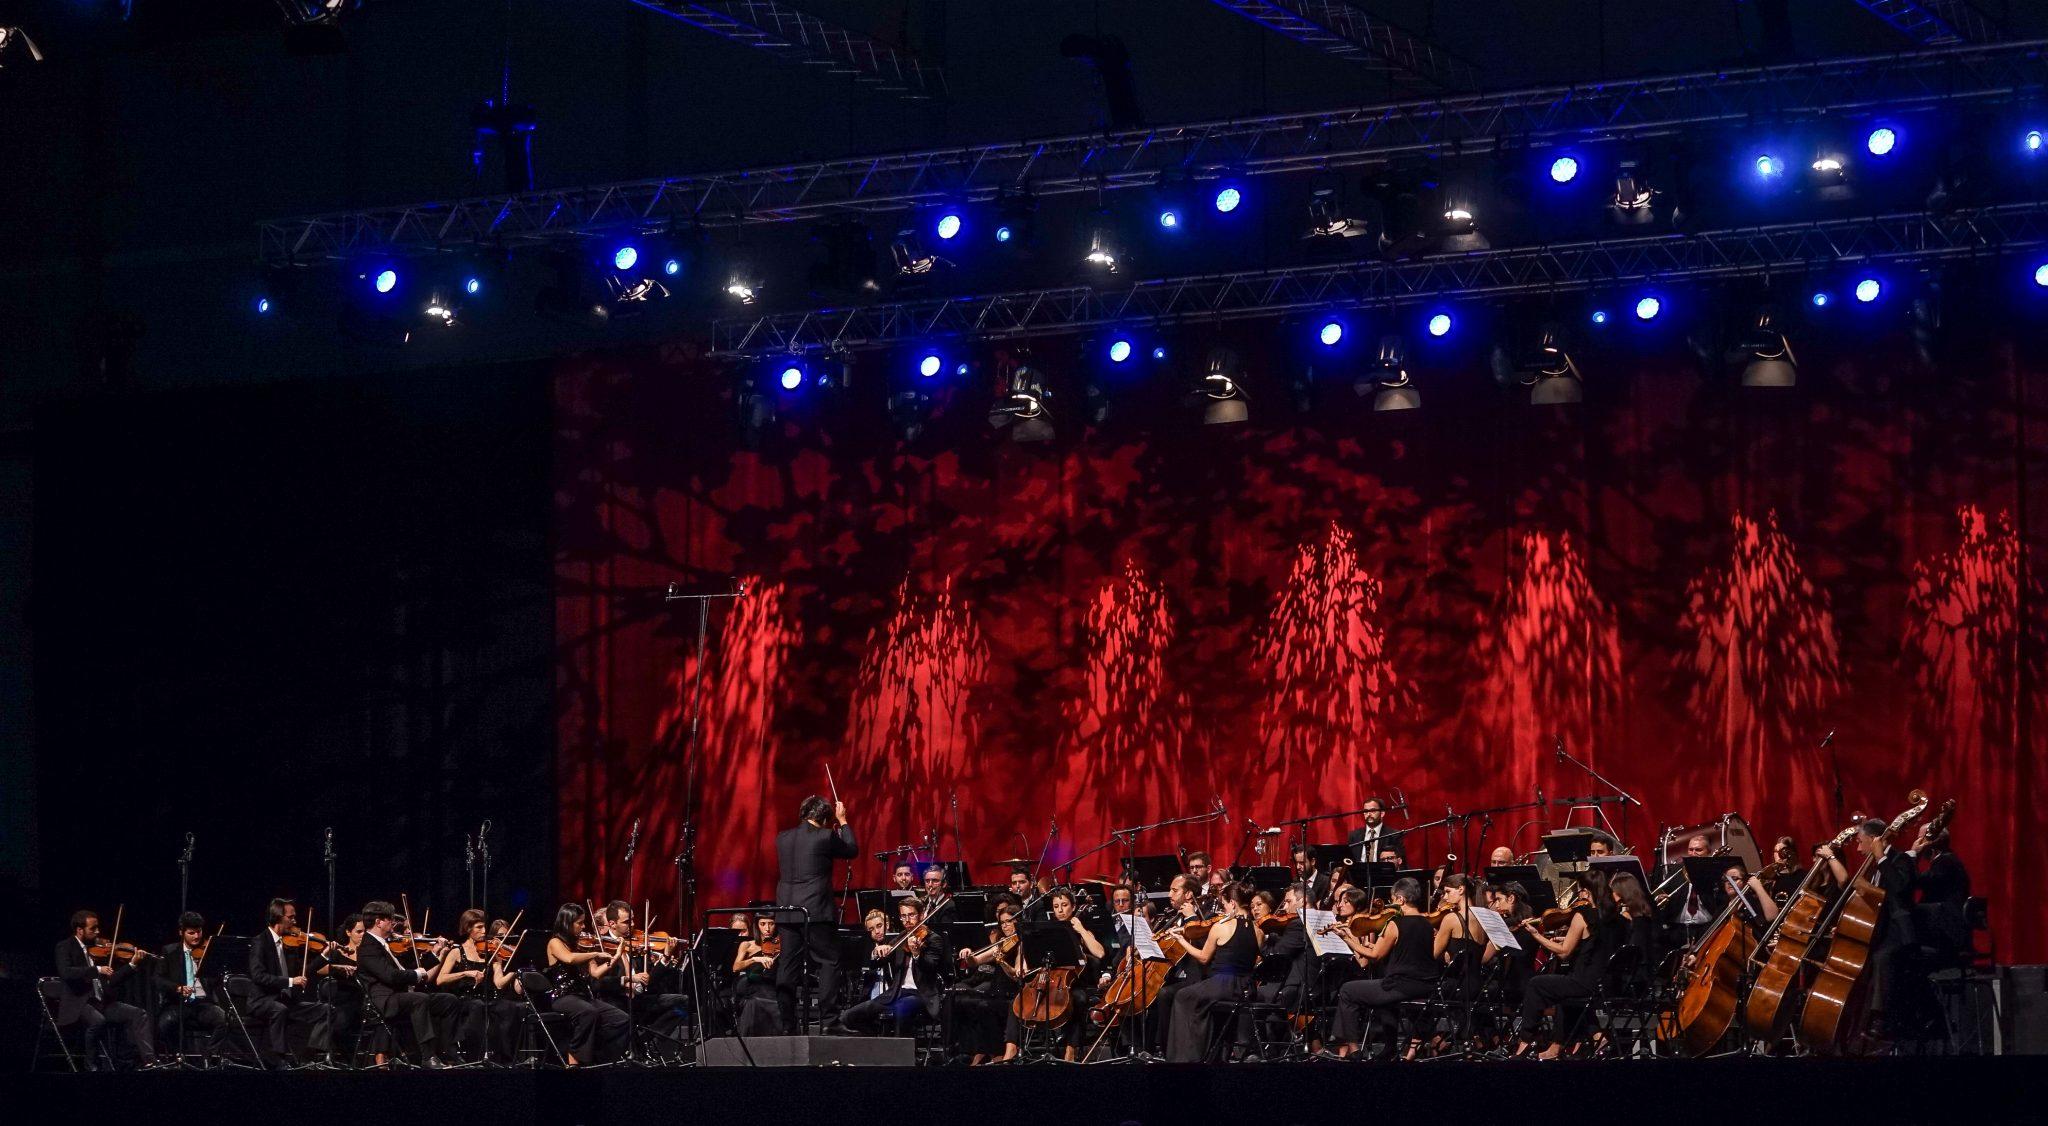 Músicos e maestro em palco durante concerto